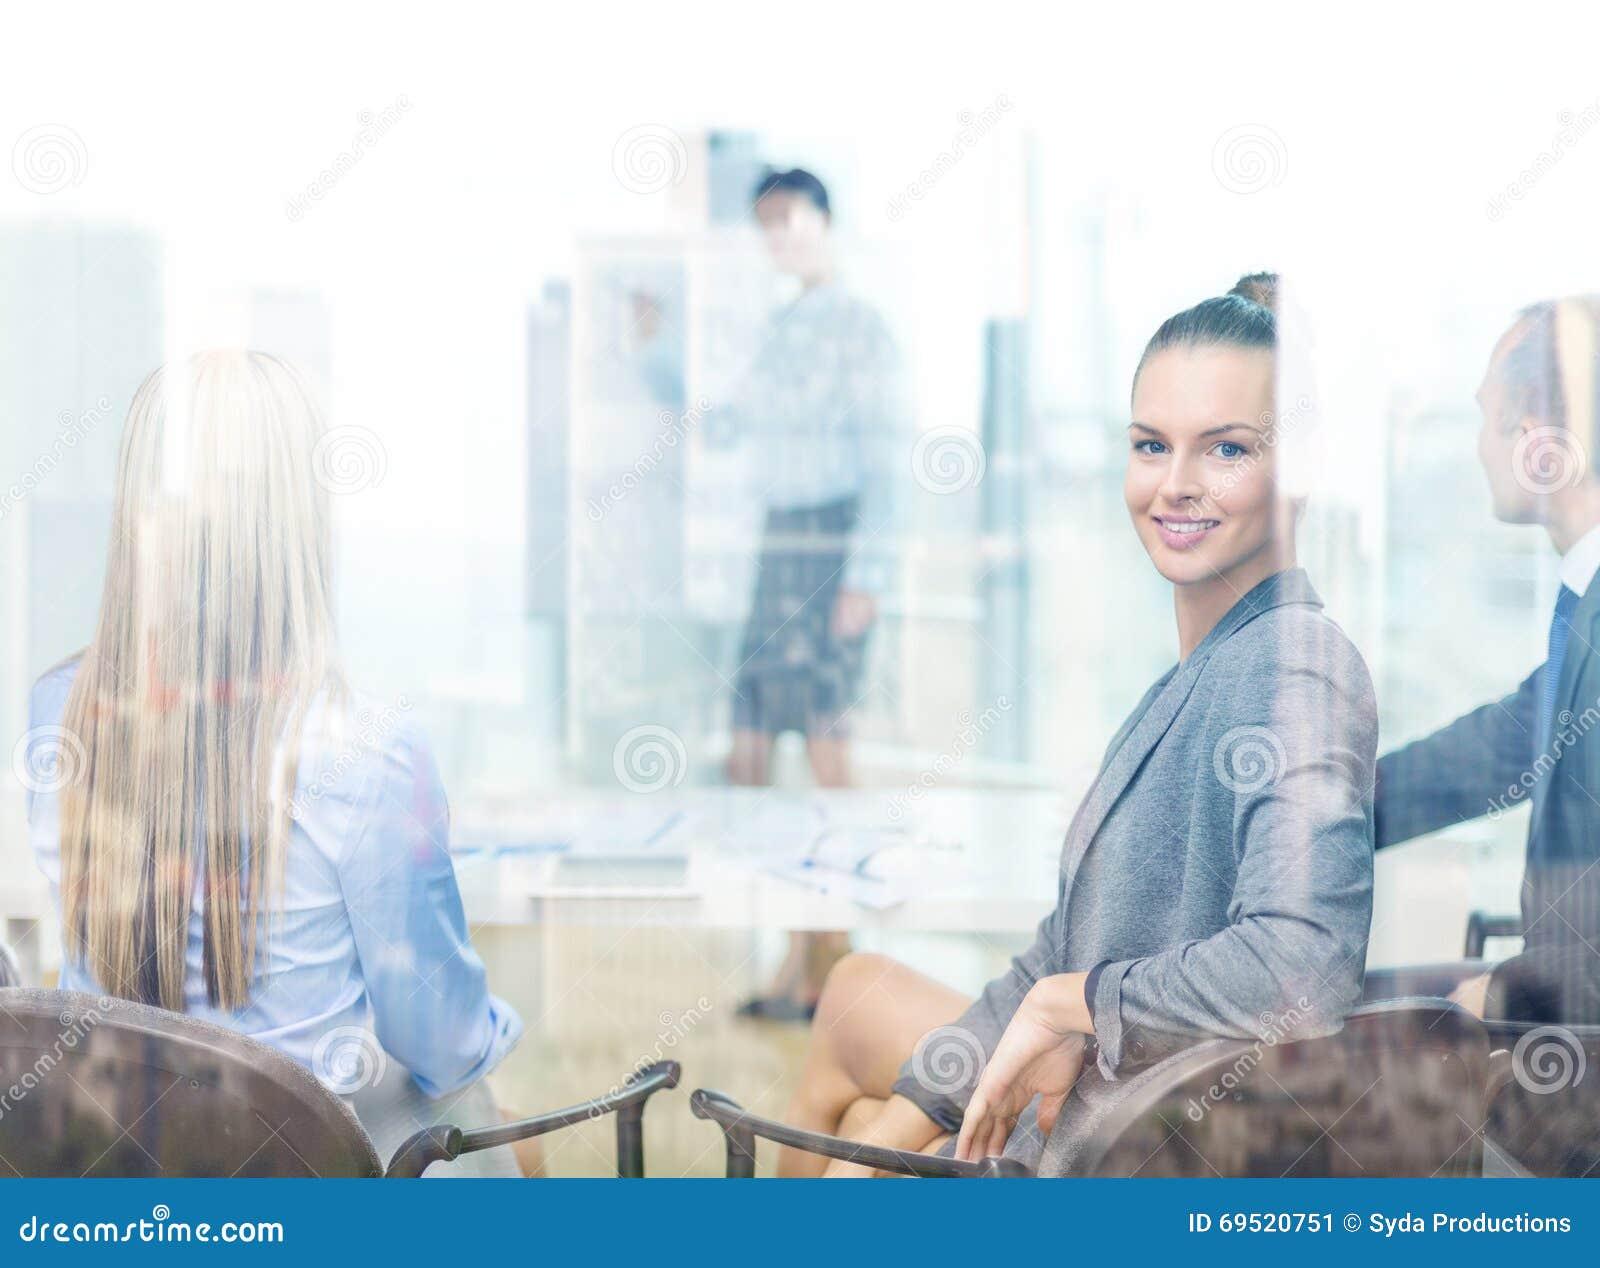 femme d 39 affaires avec l 39 quipe montrant dans le bureau photo stock image 69520751. Black Bedroom Furniture Sets. Home Design Ideas